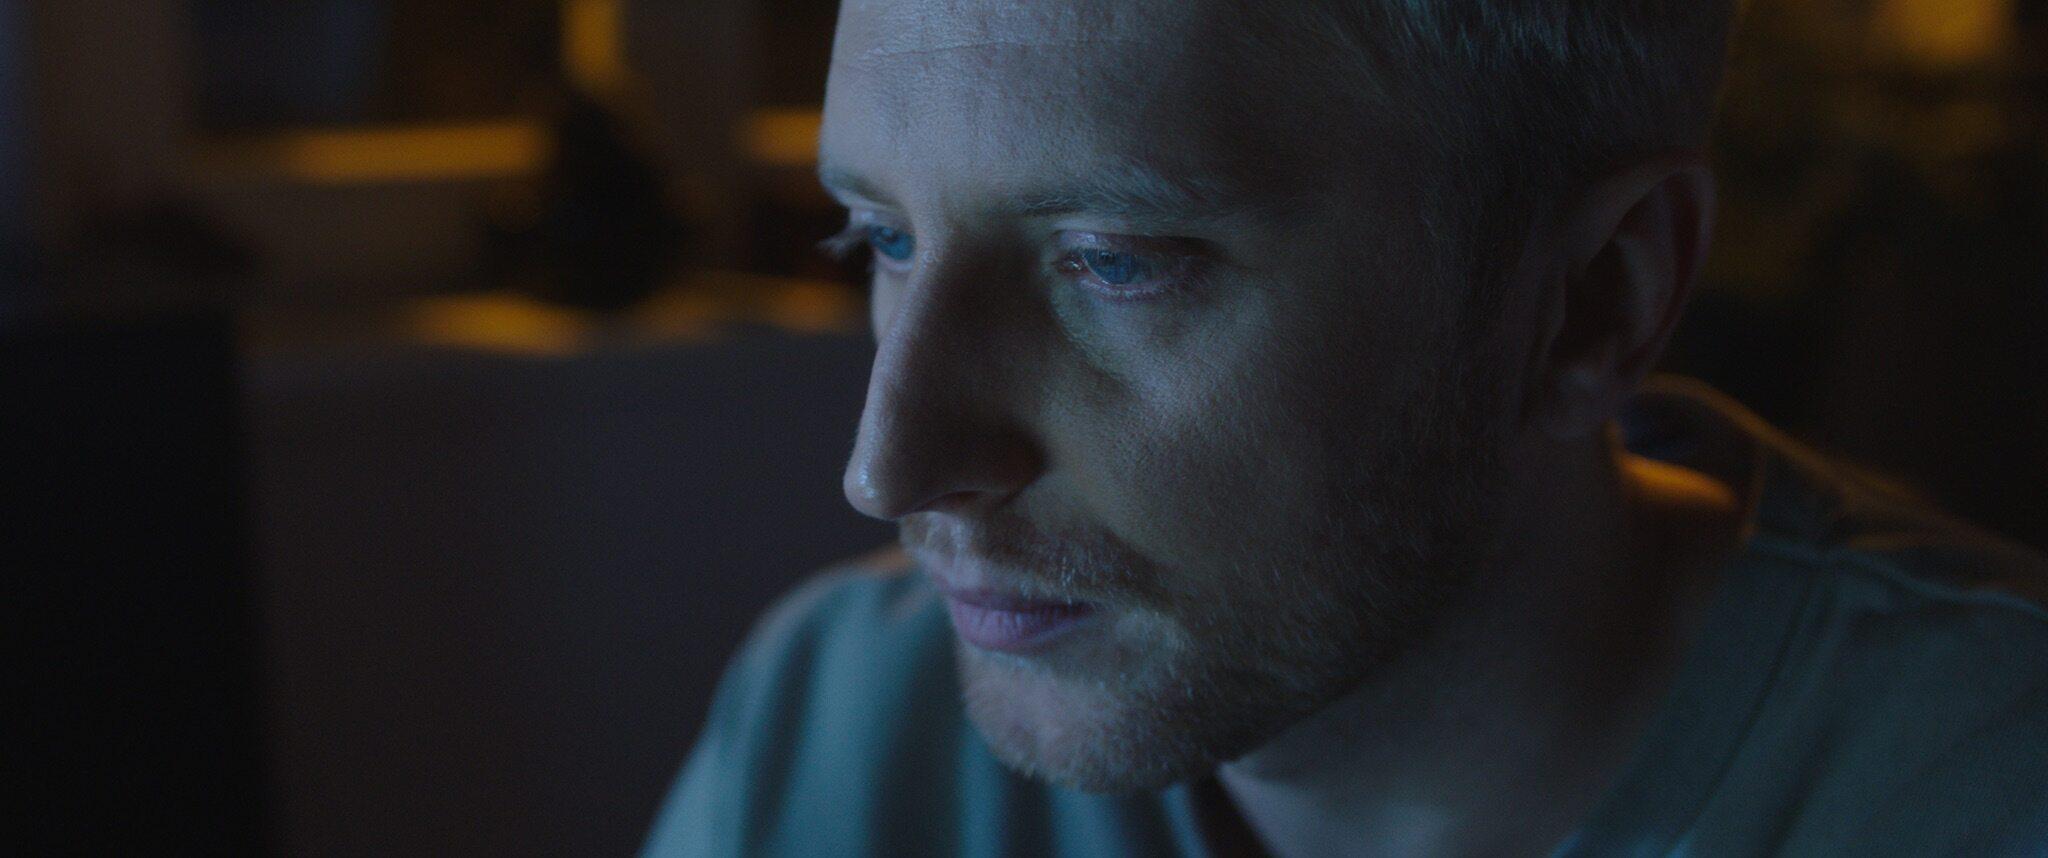 """kadr z filmu """"Users"""" (2018)"""